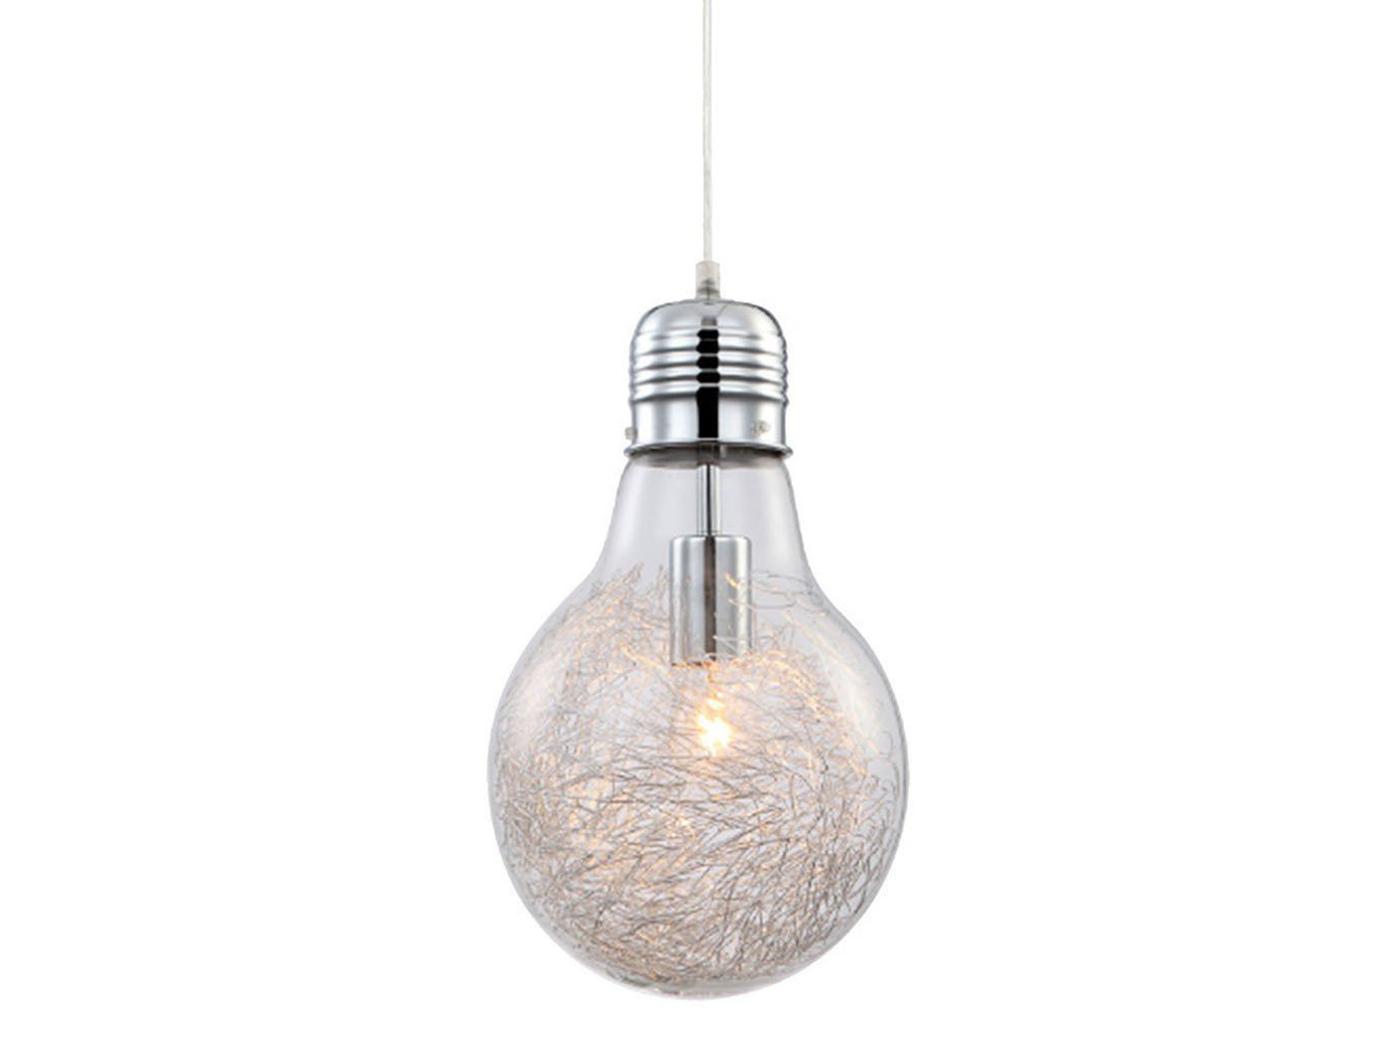 Schön Hängelampe Glühbirne Referenz Von Das Bild Wird Geladen Pendelleuchte-gluehbirne-chrom-glas-mit-alugeflecht-inkl-e27-